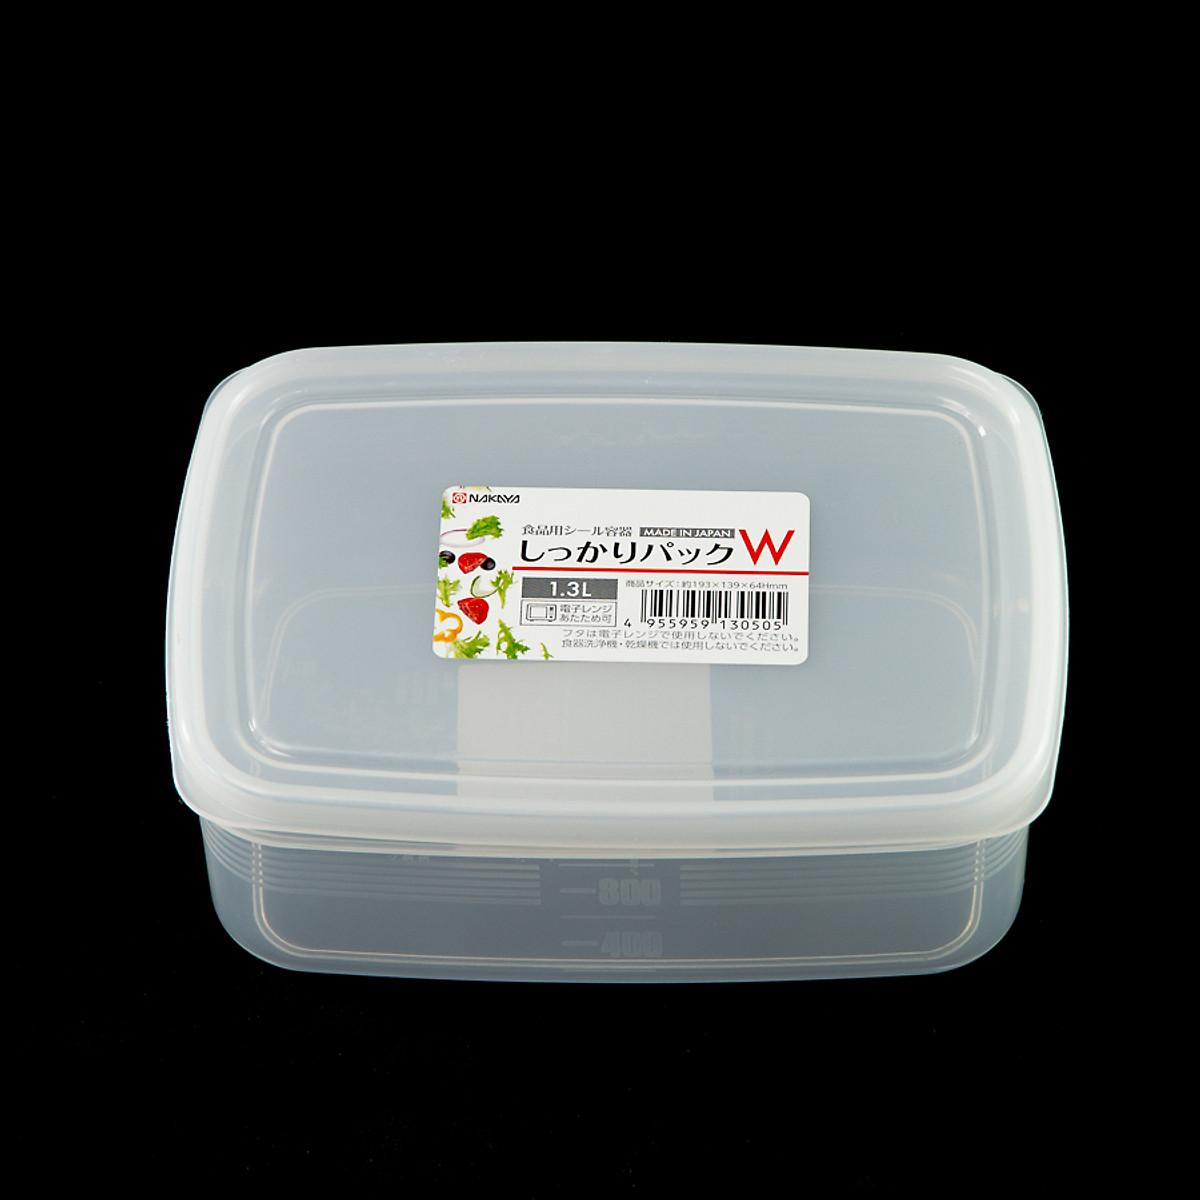 Hộp nhựa đựng thực phẩm nắp dẻo 1,3 L Nakaya